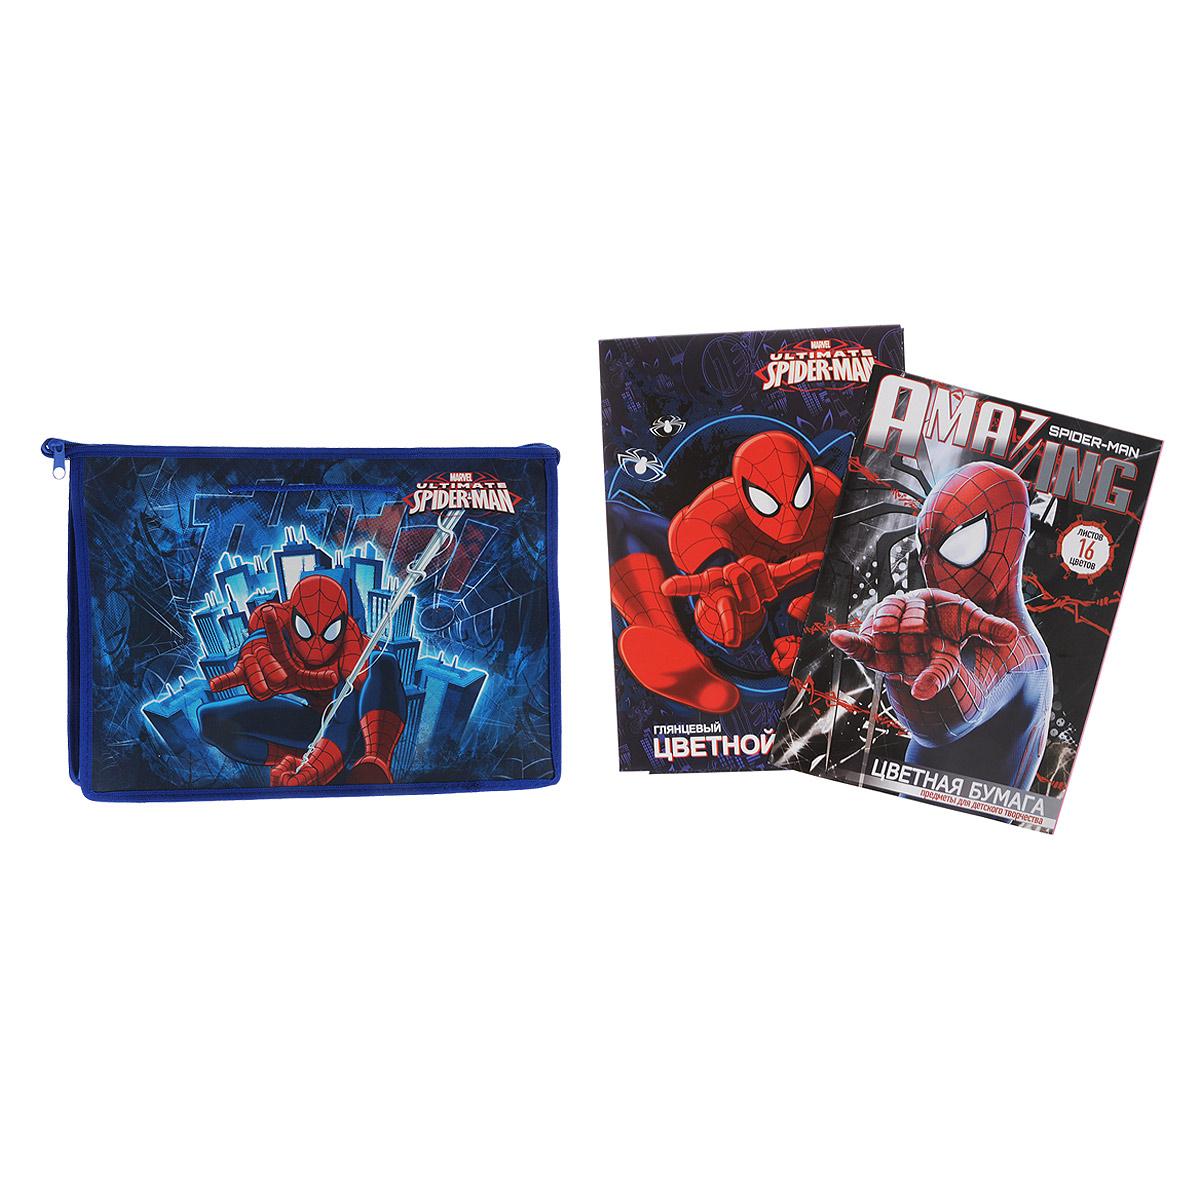 Набор школьных принадлежностей для труда Spider-man, 27 предметов72523WDНабор школьных принадлежностей для труда Spider-man позволит юным поклонникам мультфильма всегда быть подготовленными к урокам!Набор включает в себя: папку-портфель с ручками на молнии формата А4, набор цветной бумаги 16 листов, набор цветного картона 10 листов. Пластиковая папка-портфель предназначена для хранения тетрадей, рисунков и прочих бумаг. Позволяет легко разместить в ней альбом для рисования или набор цветной бумаги. Внутри папки одно большое отделение. Закрывается папка на застежку-молнию.Яркая и удобная, такая папка непременно понравится вашему ребенку и станет стильным набором со всем необходимым к школе.